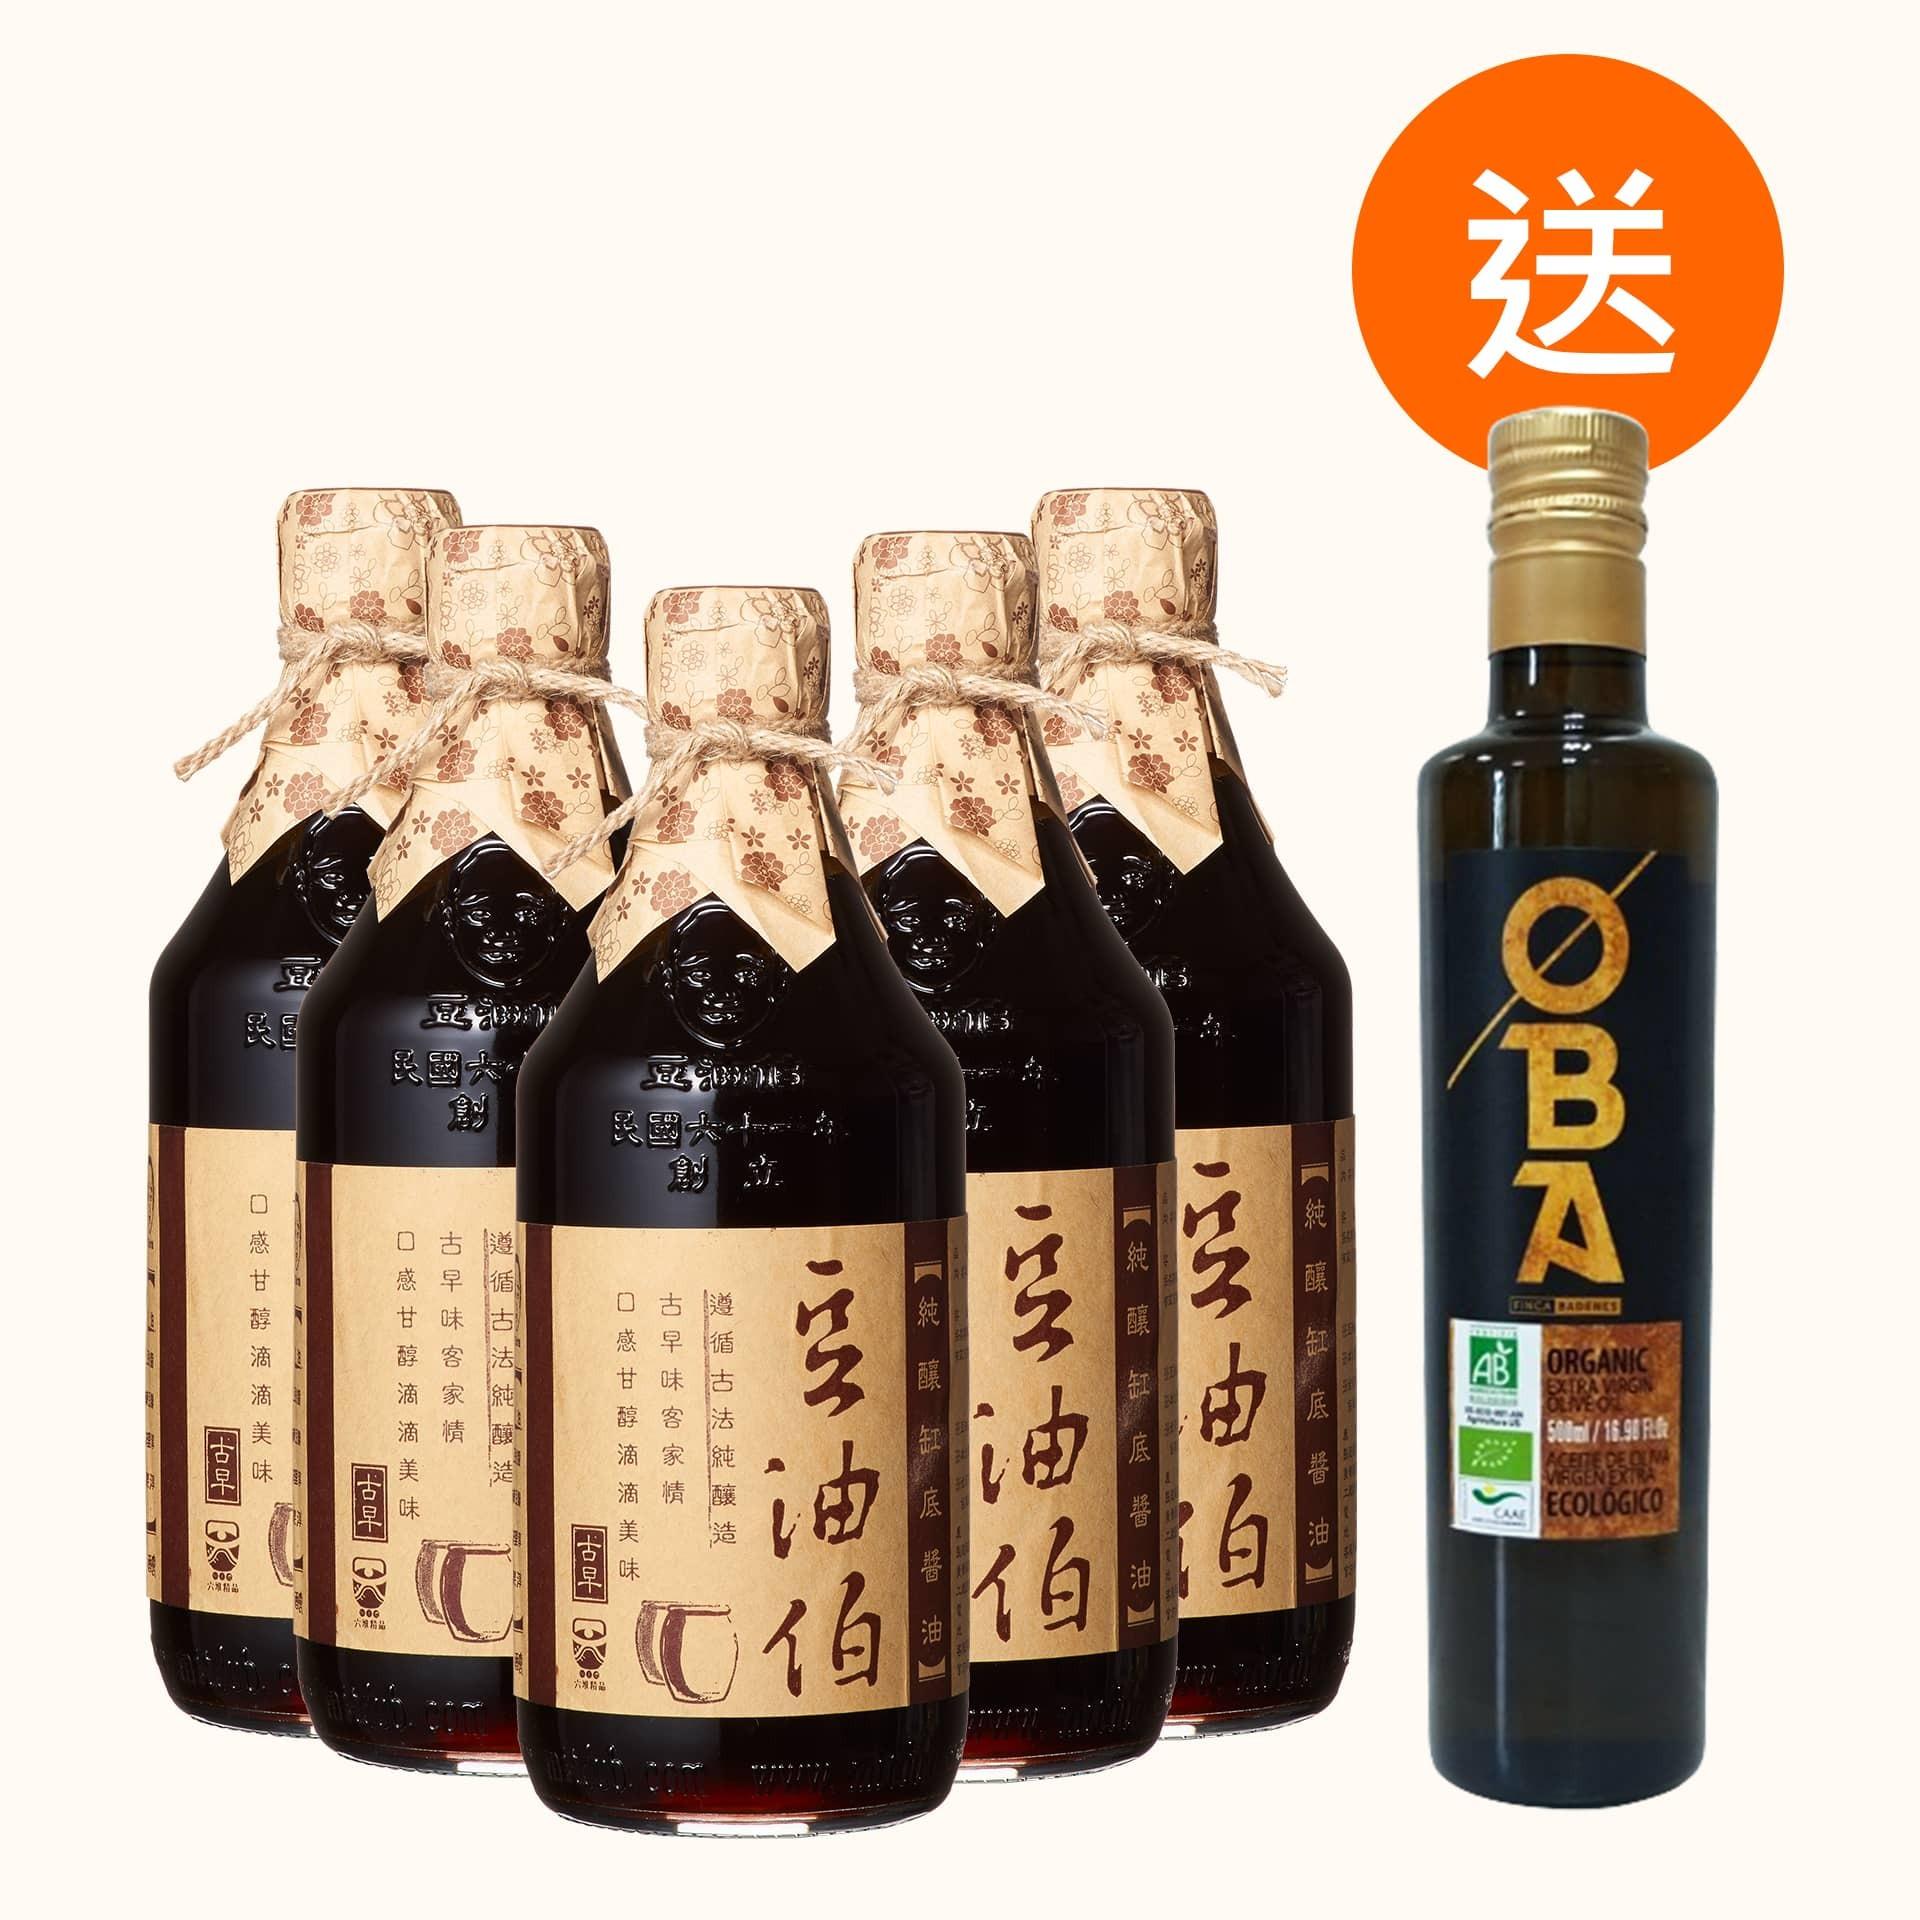 【萬聖派對69折起】缸底醬油5入 送OBA有機橄欖油